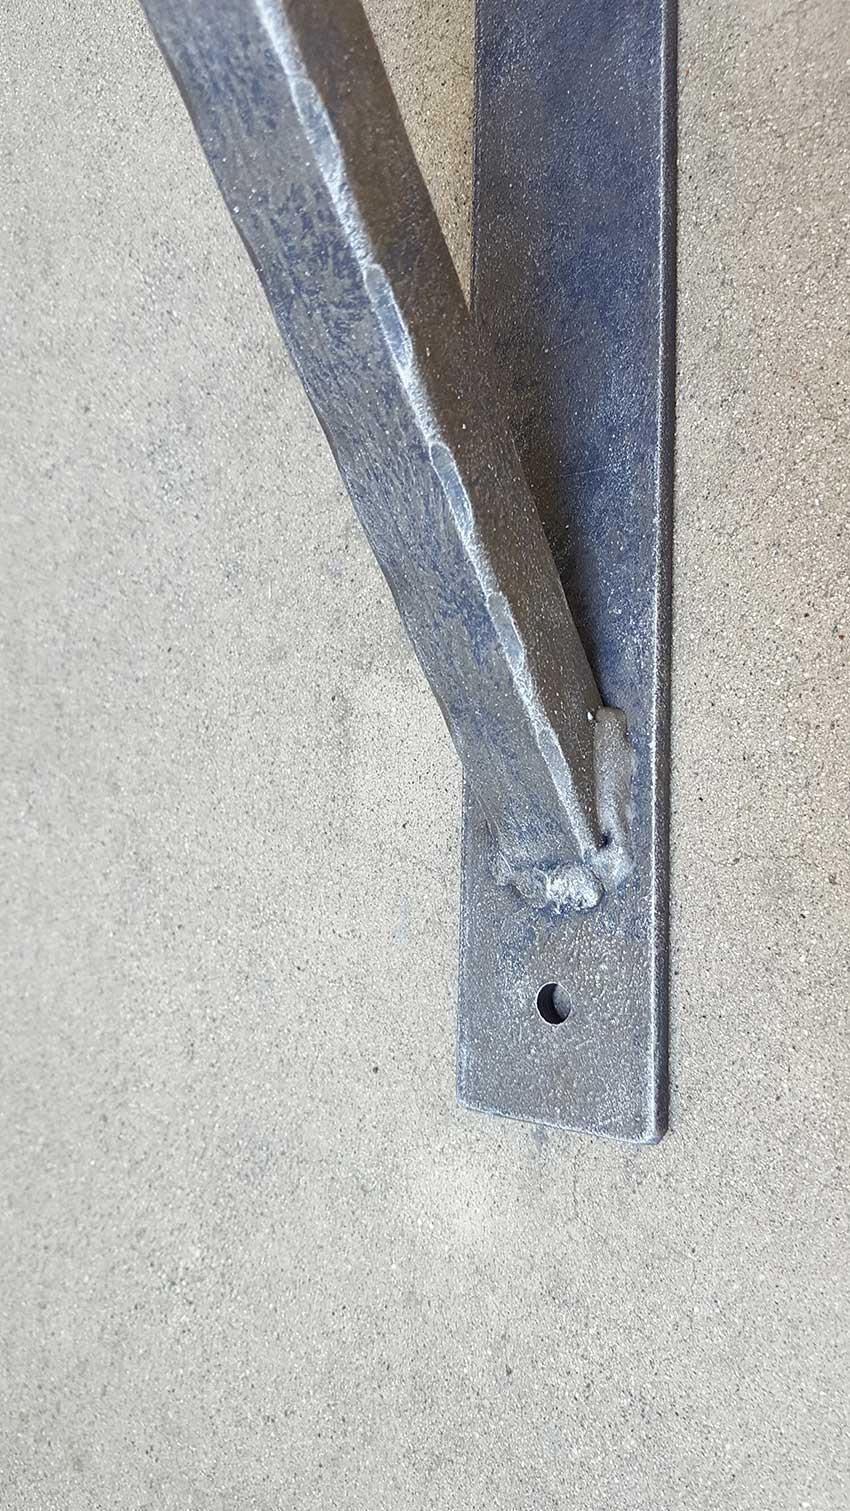 Large Straight Bar Iron Angle Bracket Shoreline